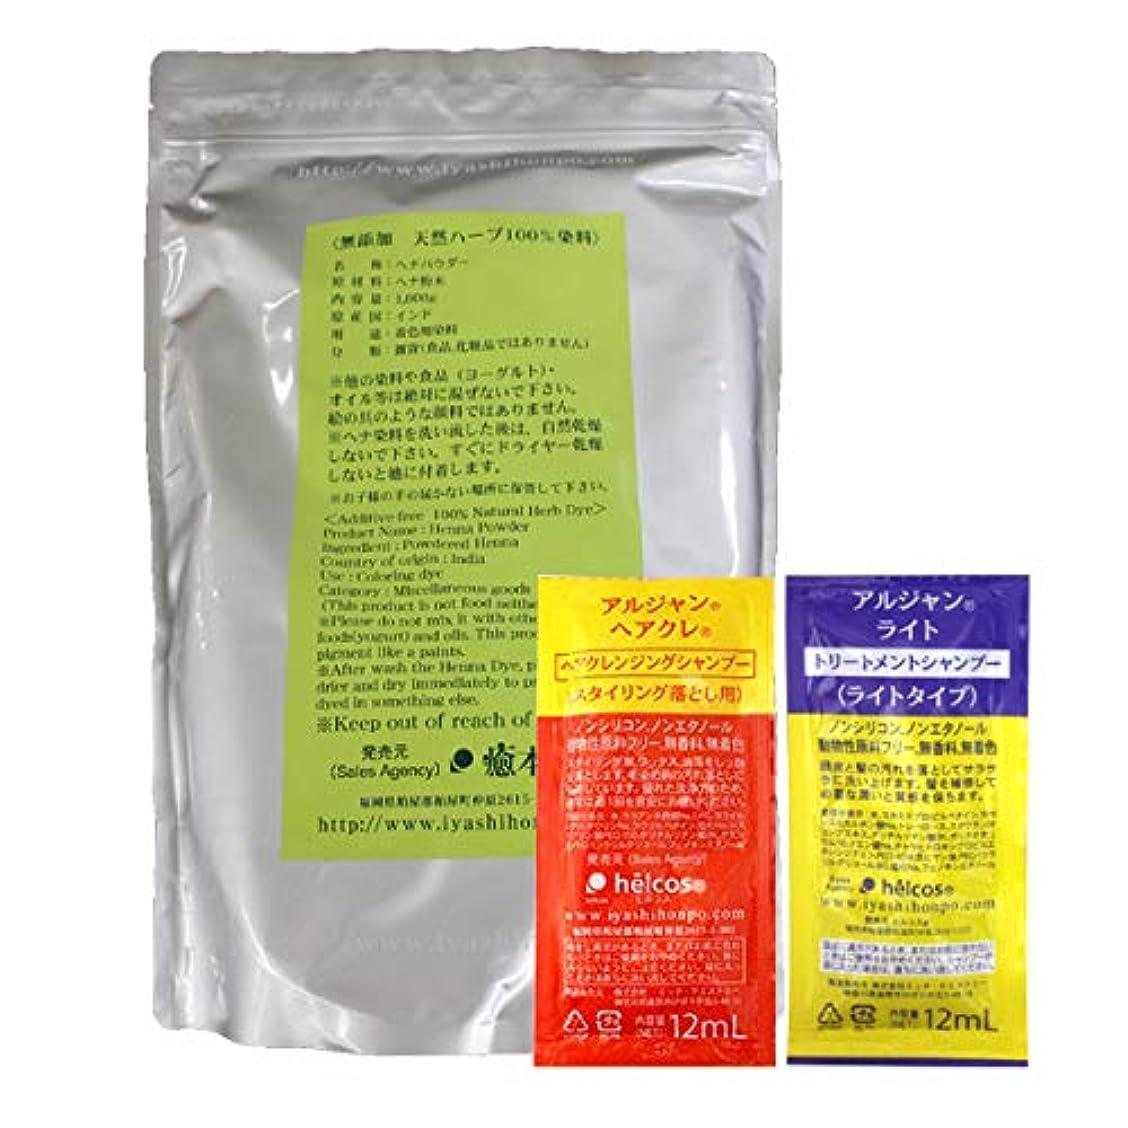 誠実さツインことわざ白髪染め ヘナ(天然染料100%) 1,000g + シャンプー2種セット 癒本舗(ブラウン)